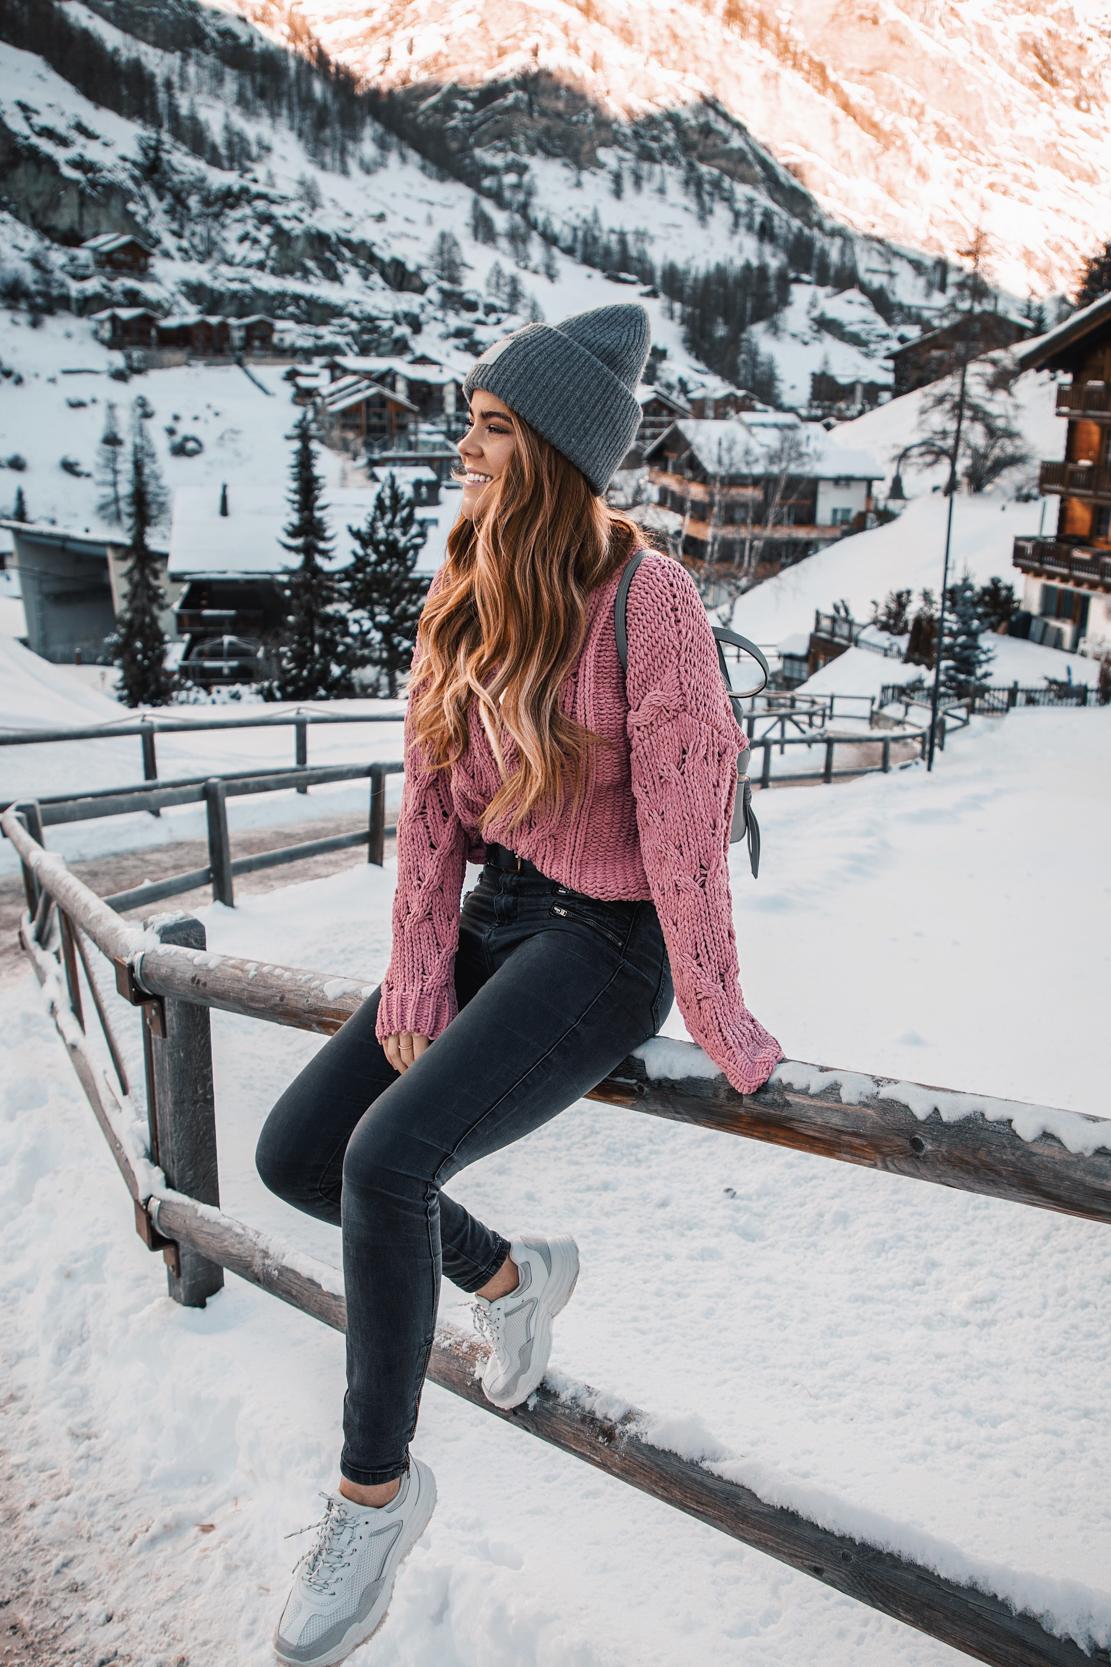 stylish-winter-outfits-switzerland-16.jpg